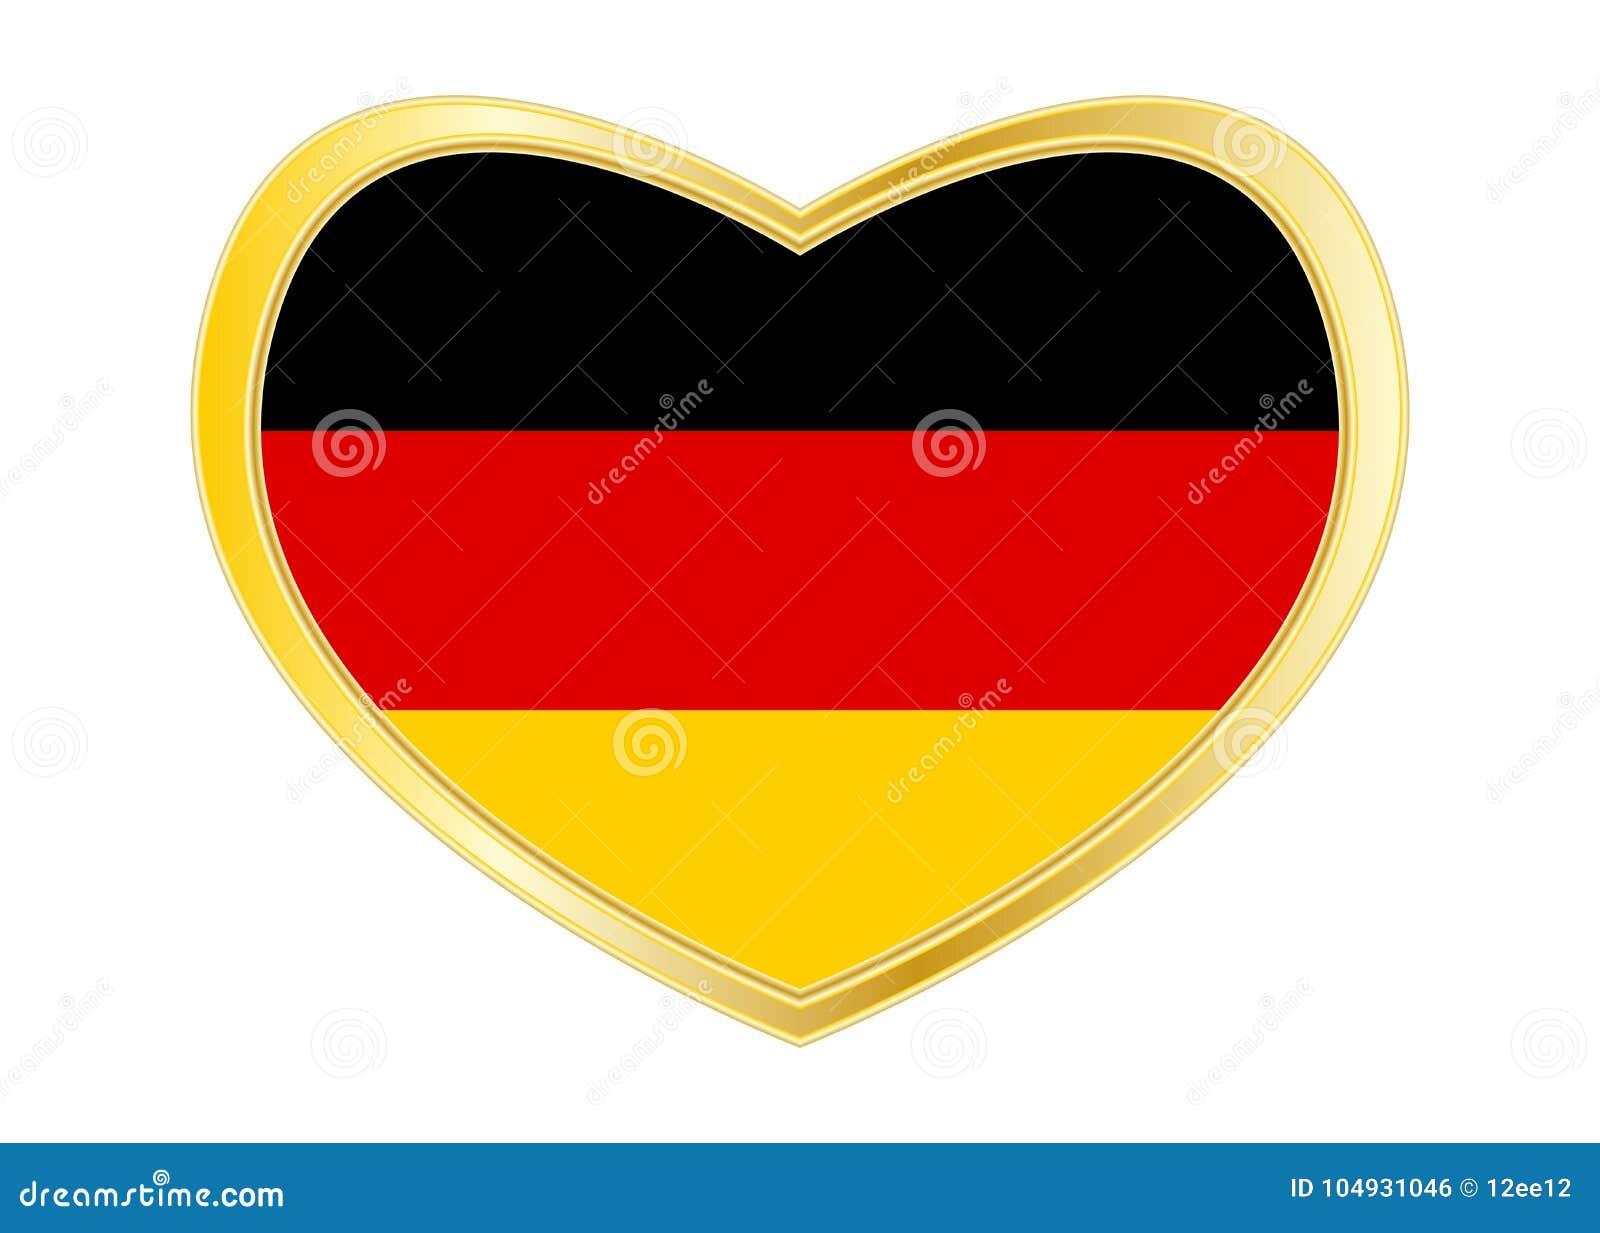 Flagge Von Deutschland In Der Herzform, Goldener Rahmen Vektor ...